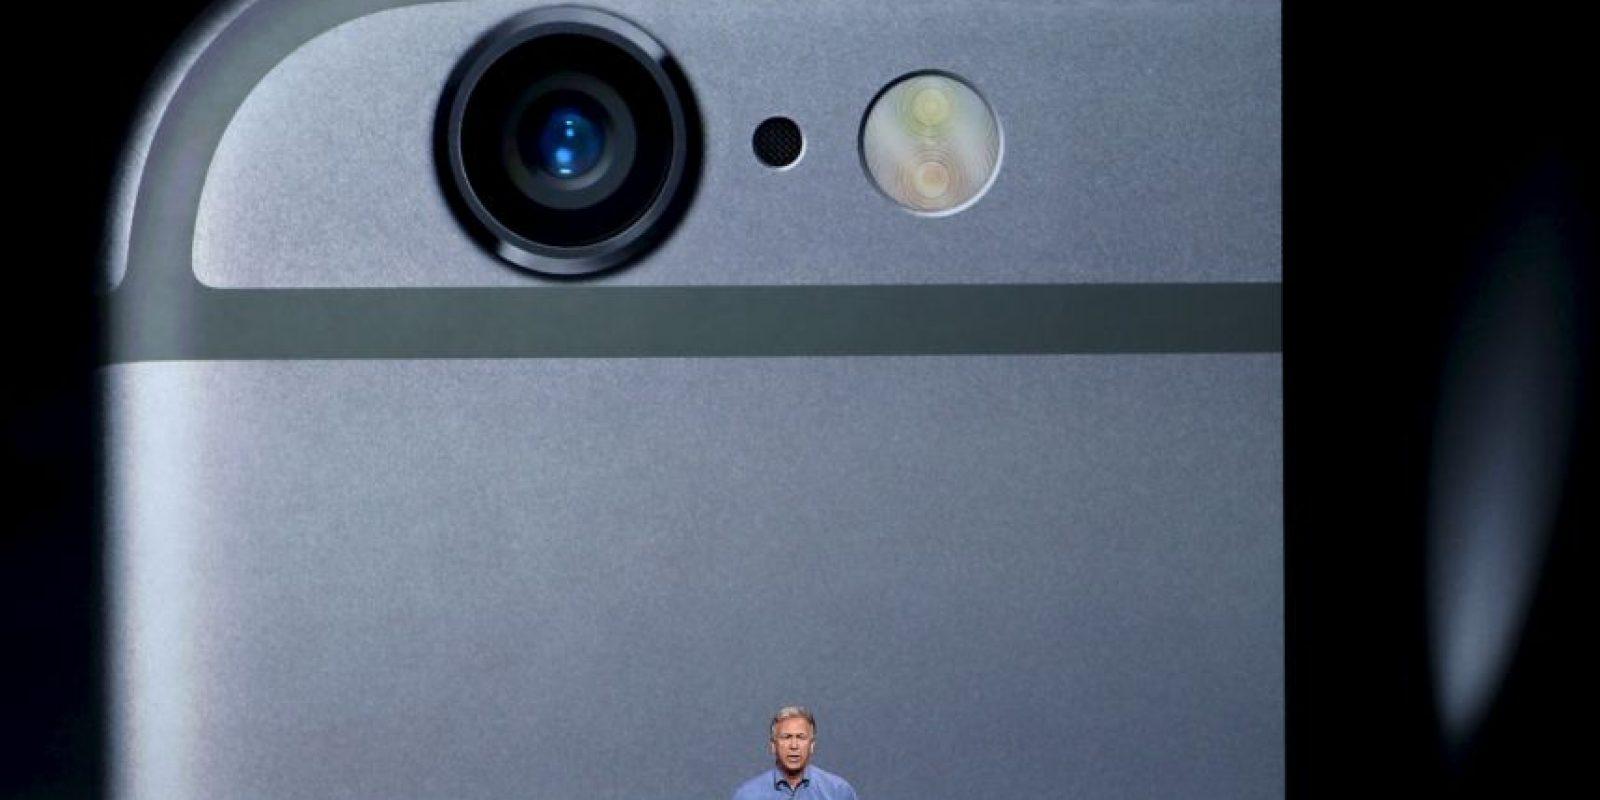 Ming-Chi asegura que su cámara sería de 12 megapixeles mejorándola para obtener imágenes con mejor resolución y un zoom a detalle Foto:Getty Images